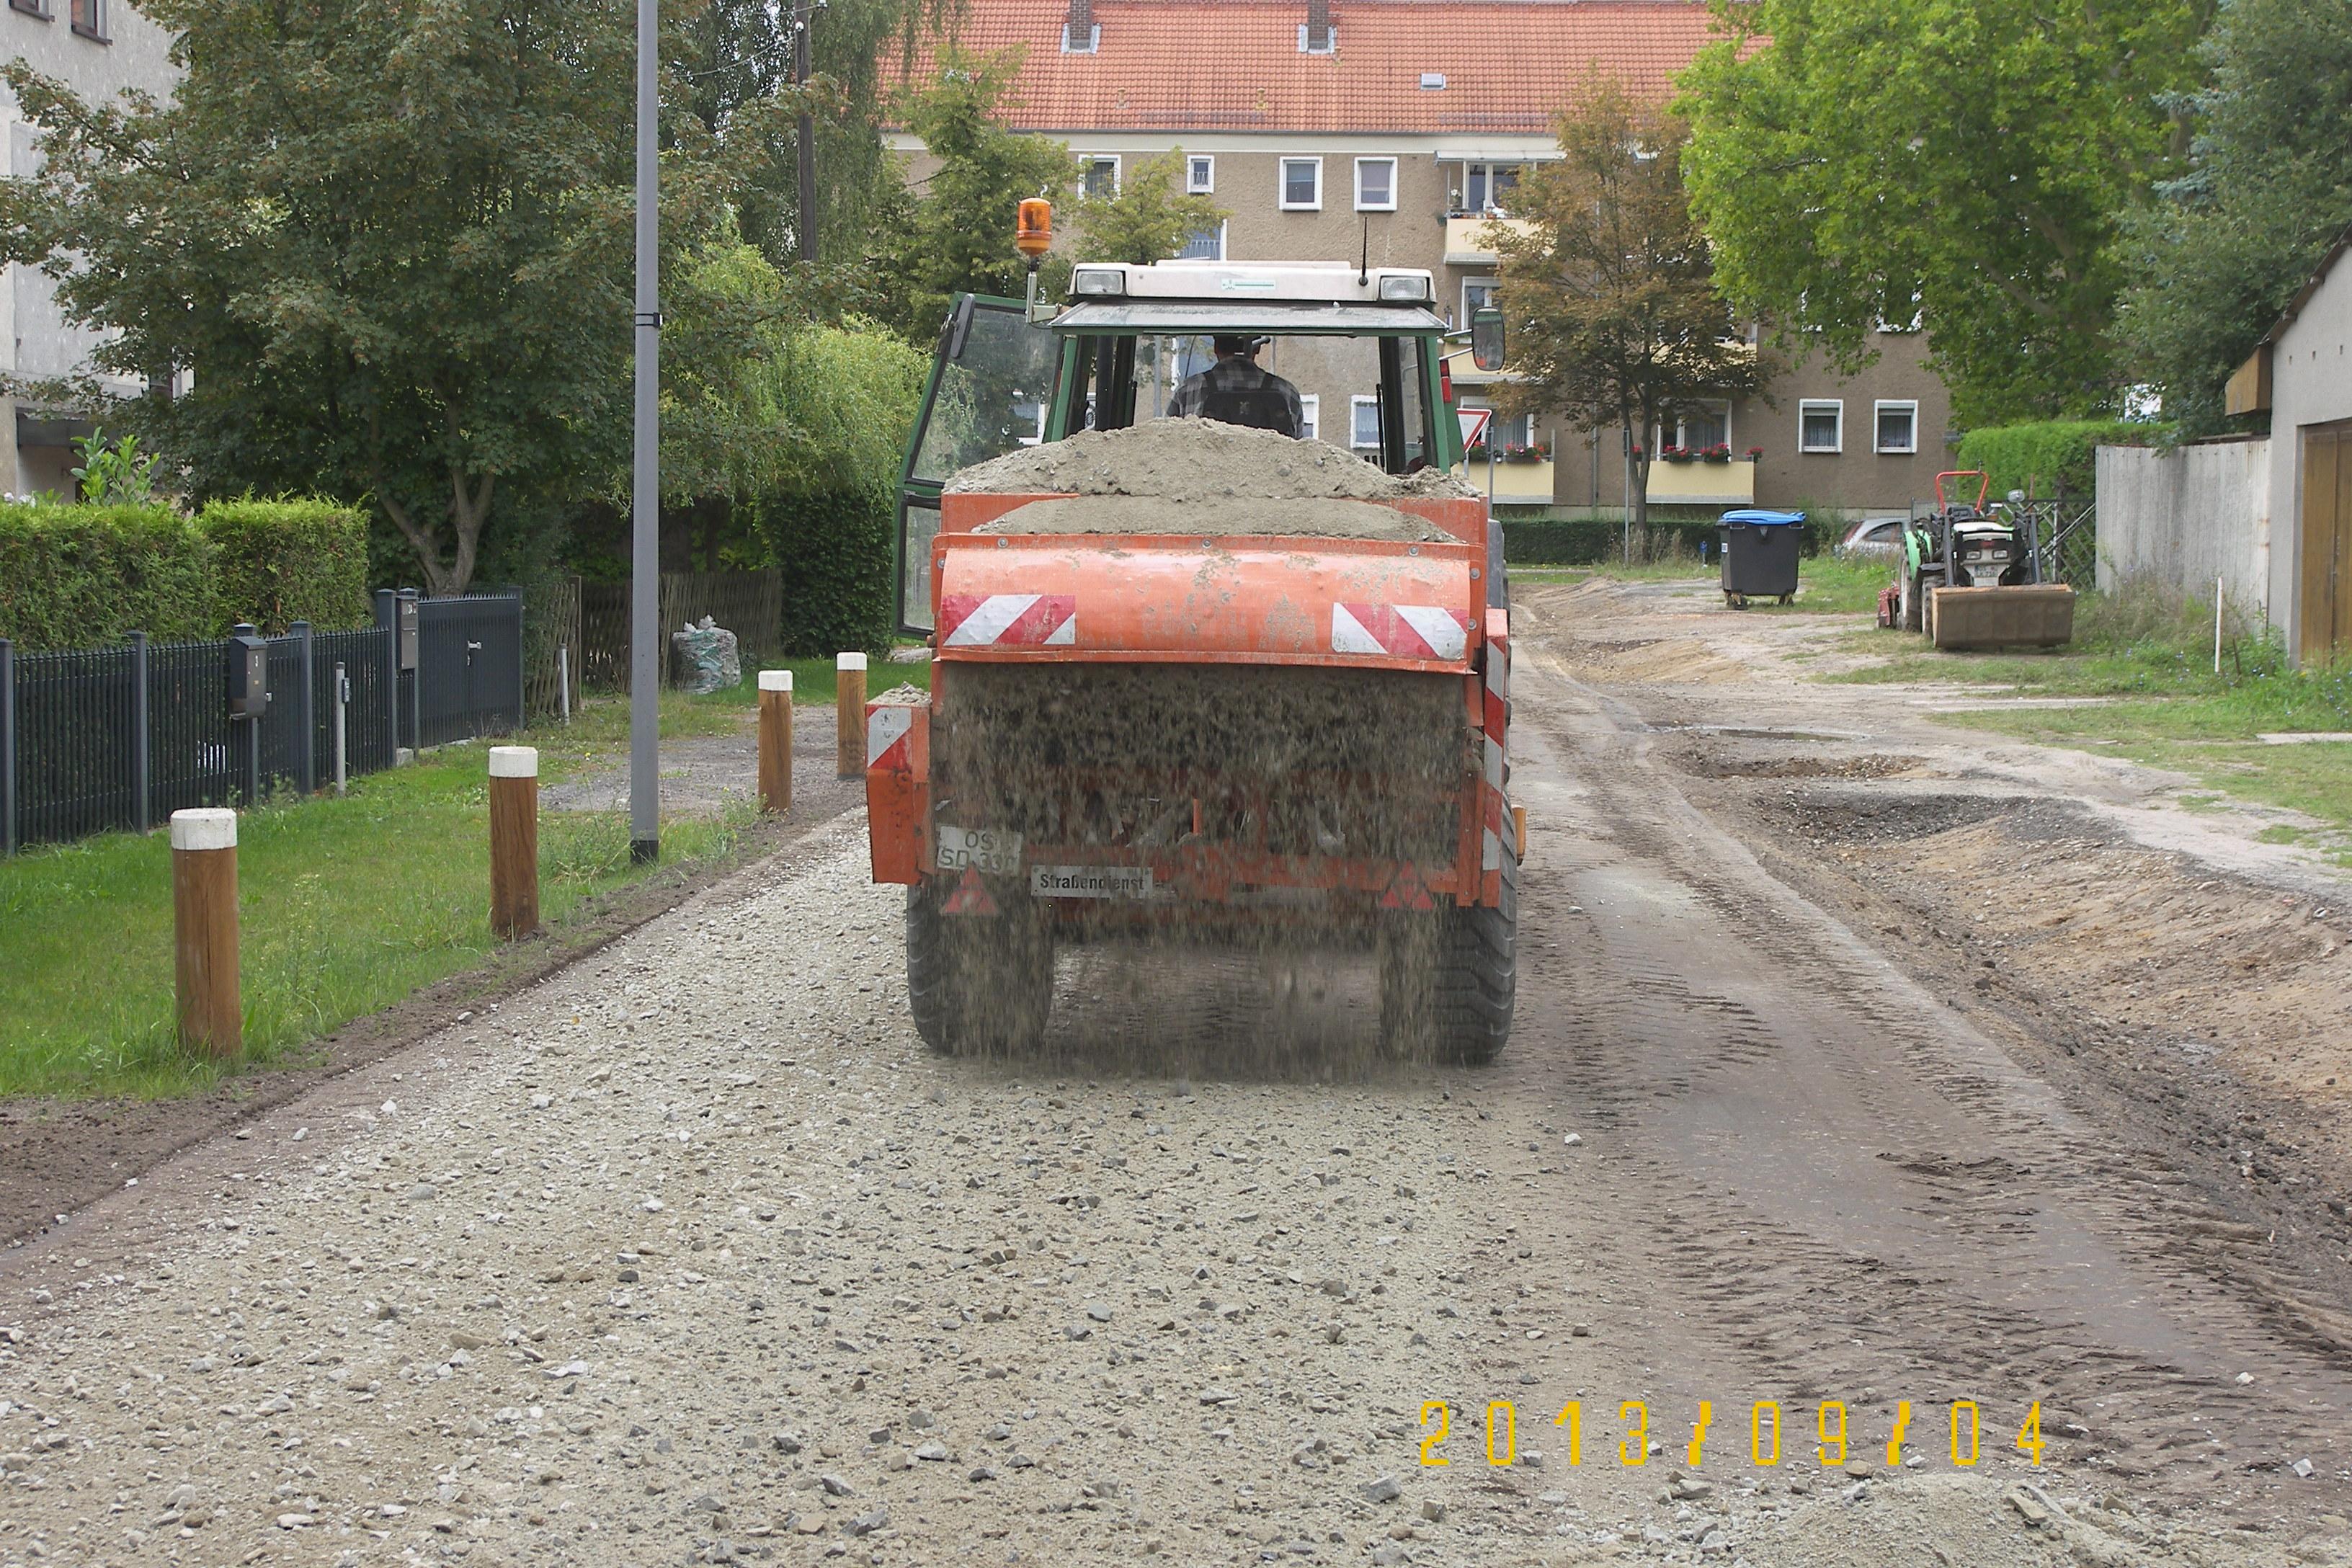 100 5563 Wassergebundene Strassen in Siedlungen